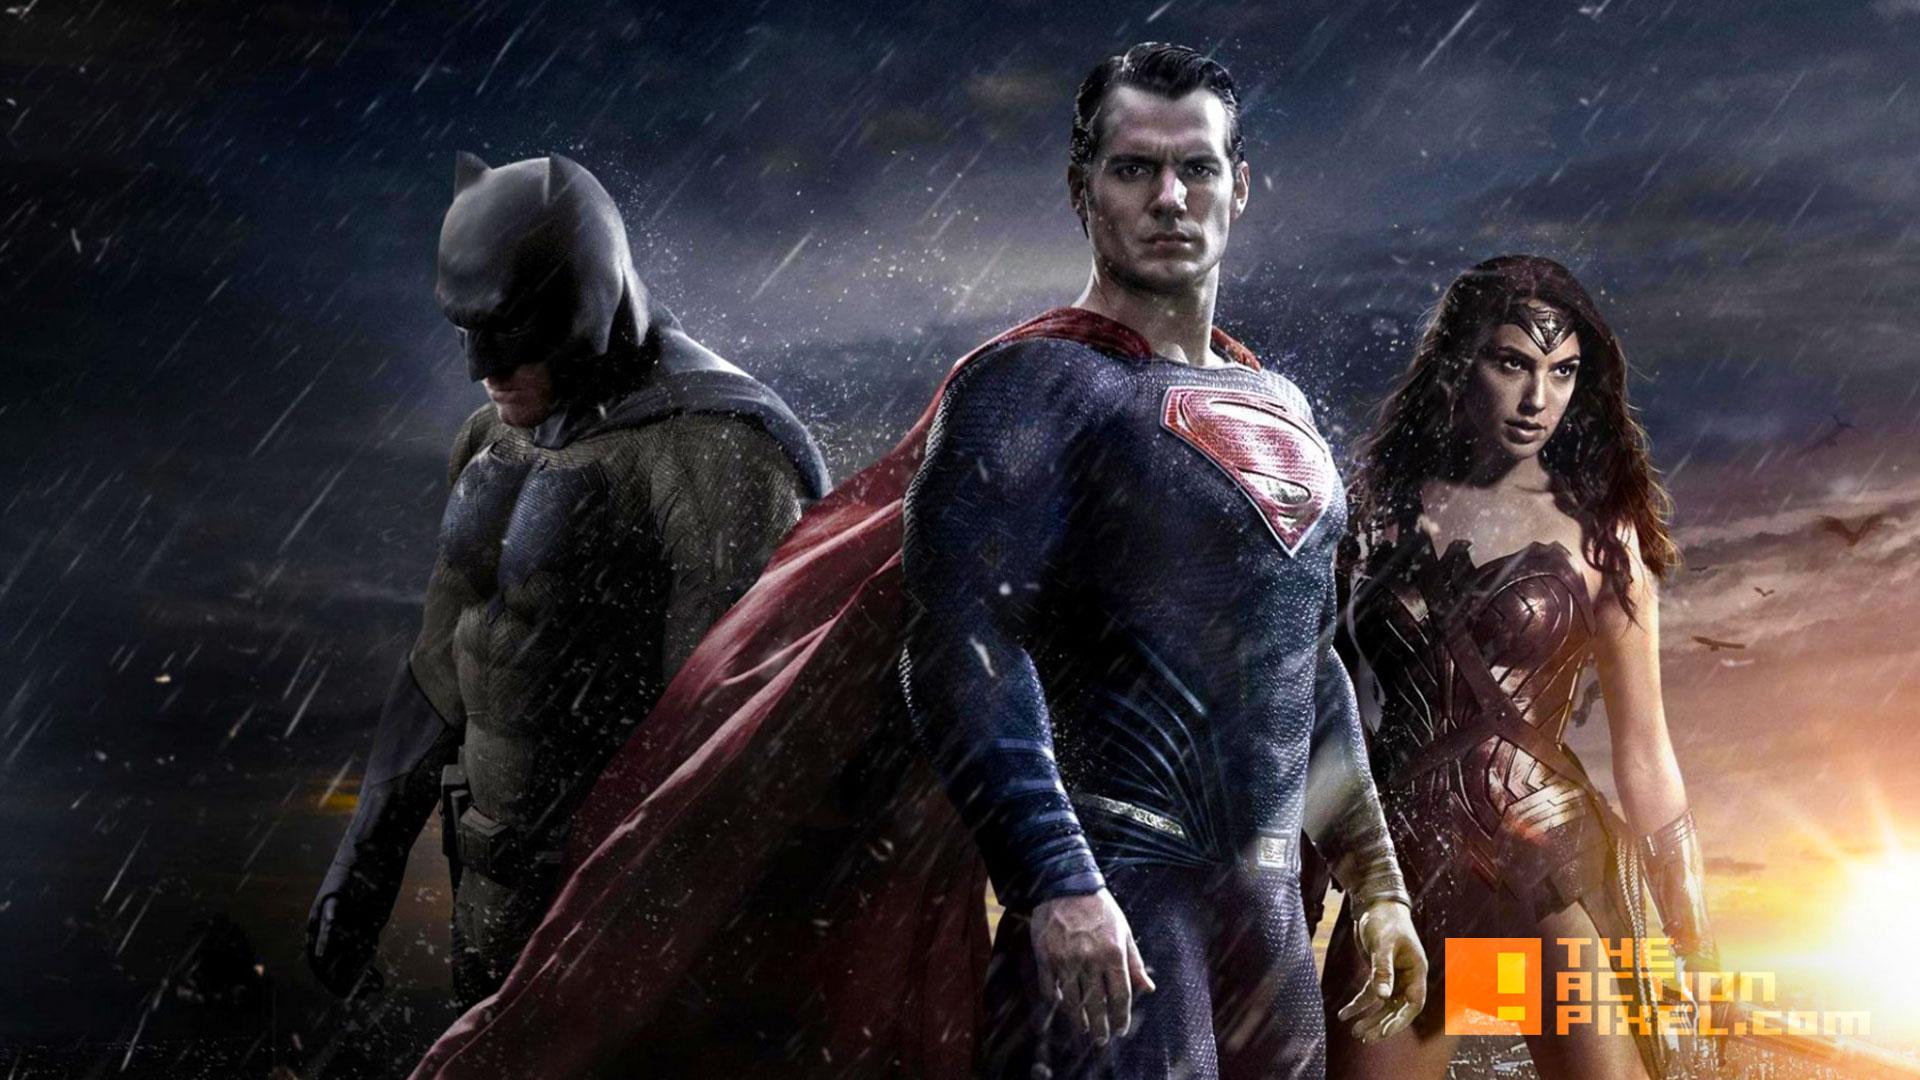 Batman v superman: dawn of justice. the action pixel. dc comics. warner bros. @theactionpixel